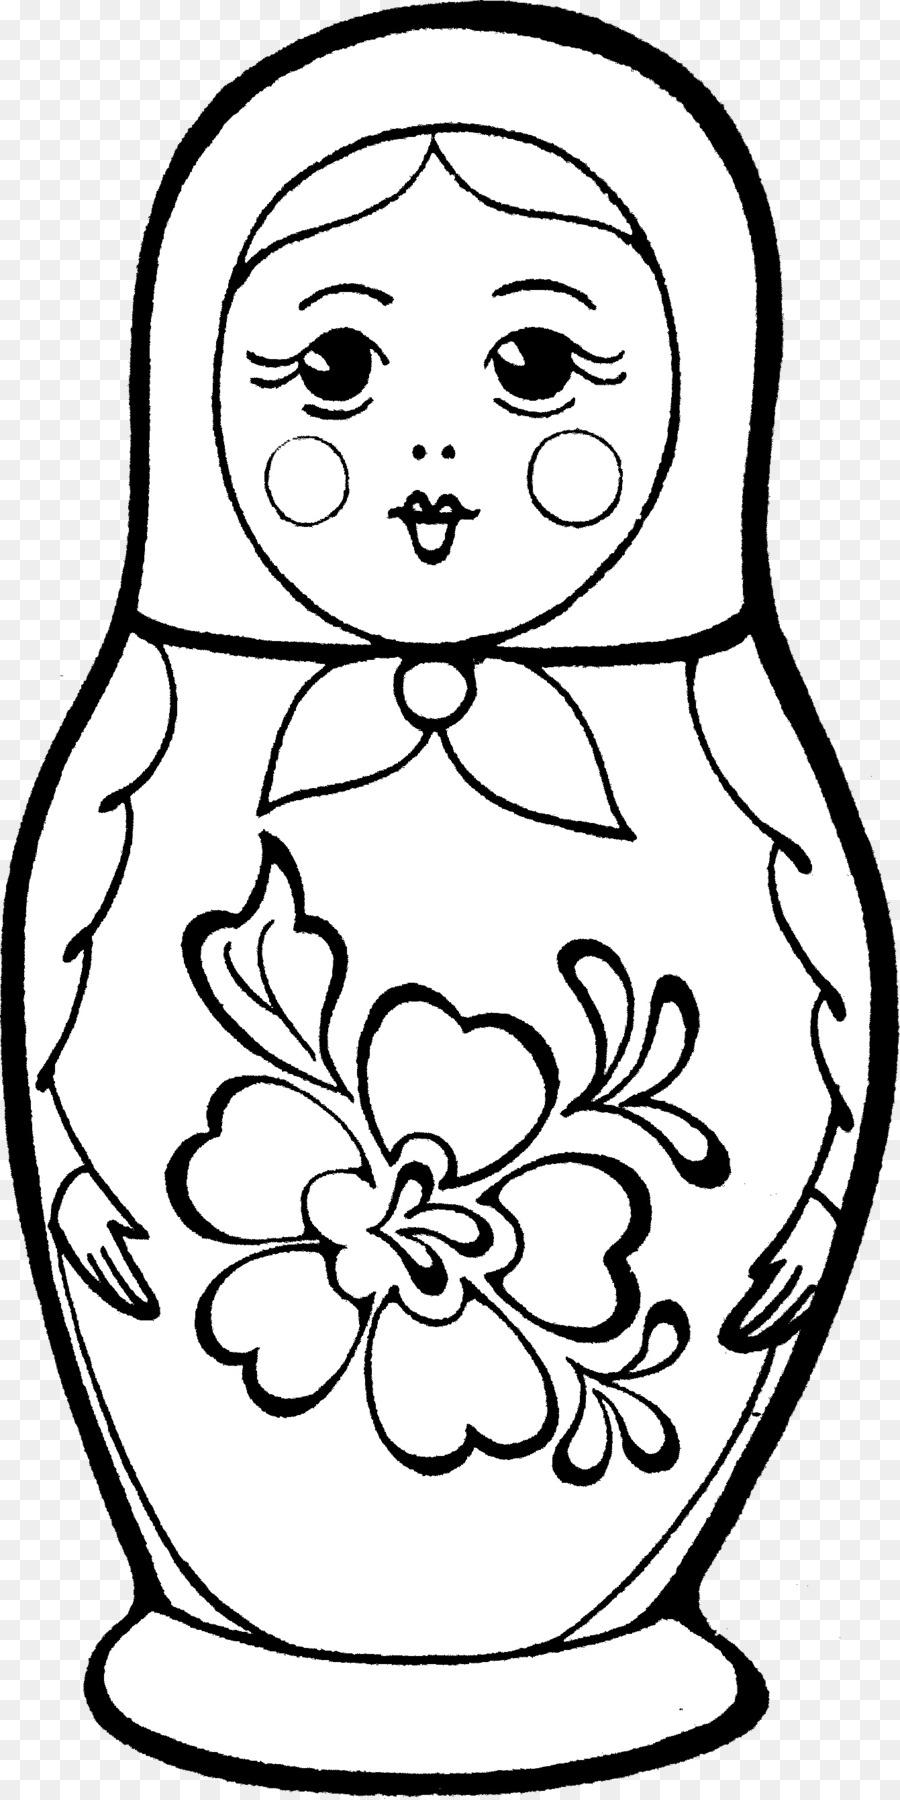 Libro para colorear de Matryoshka muñeca de Dibujo de la Imagen ...